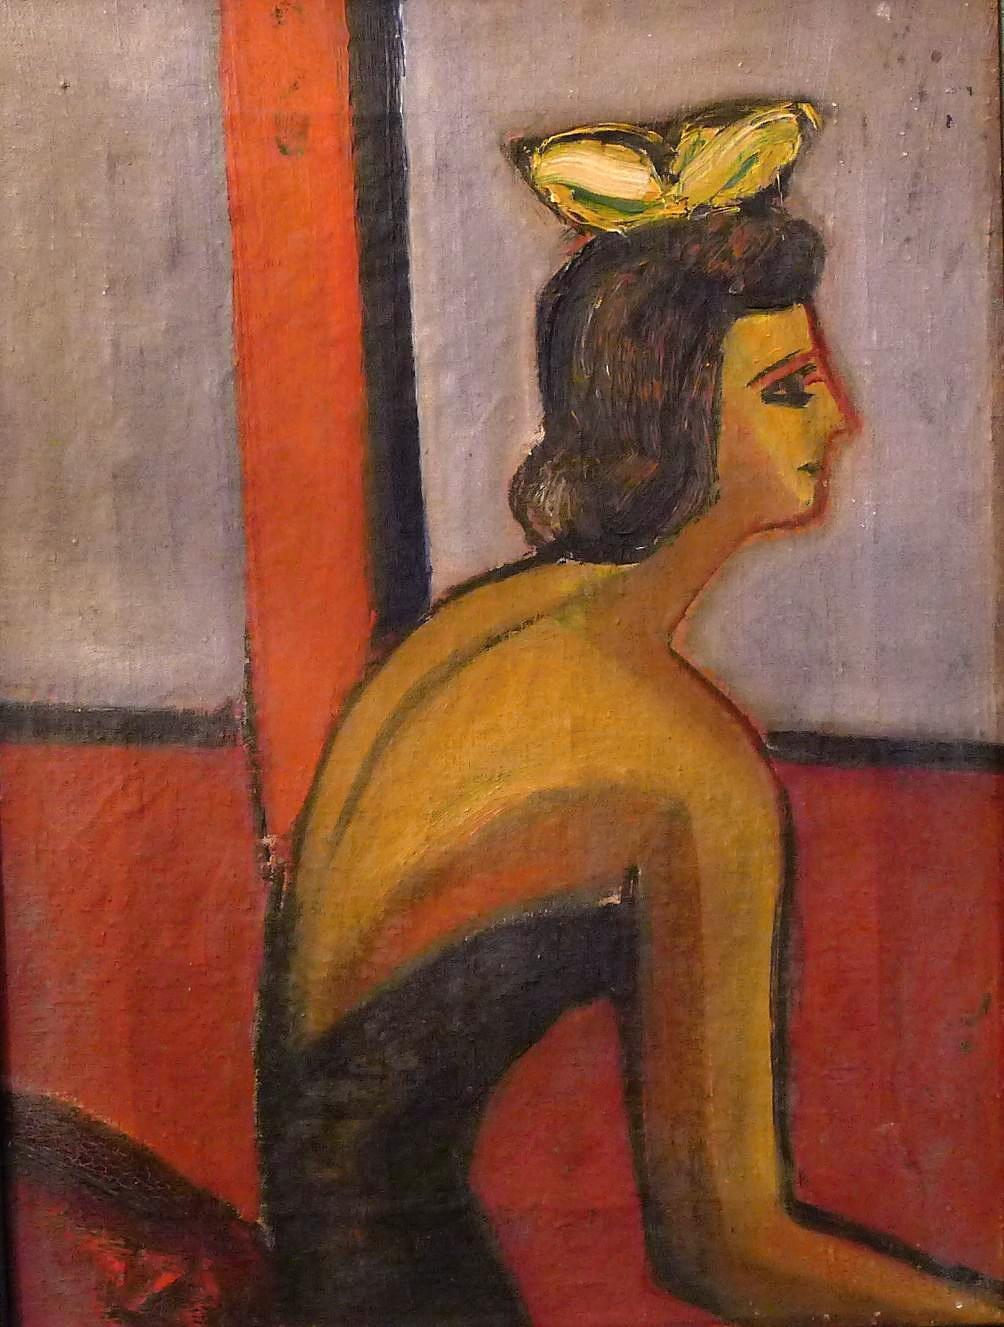 Miroslav Tichý: kresba akvarelem